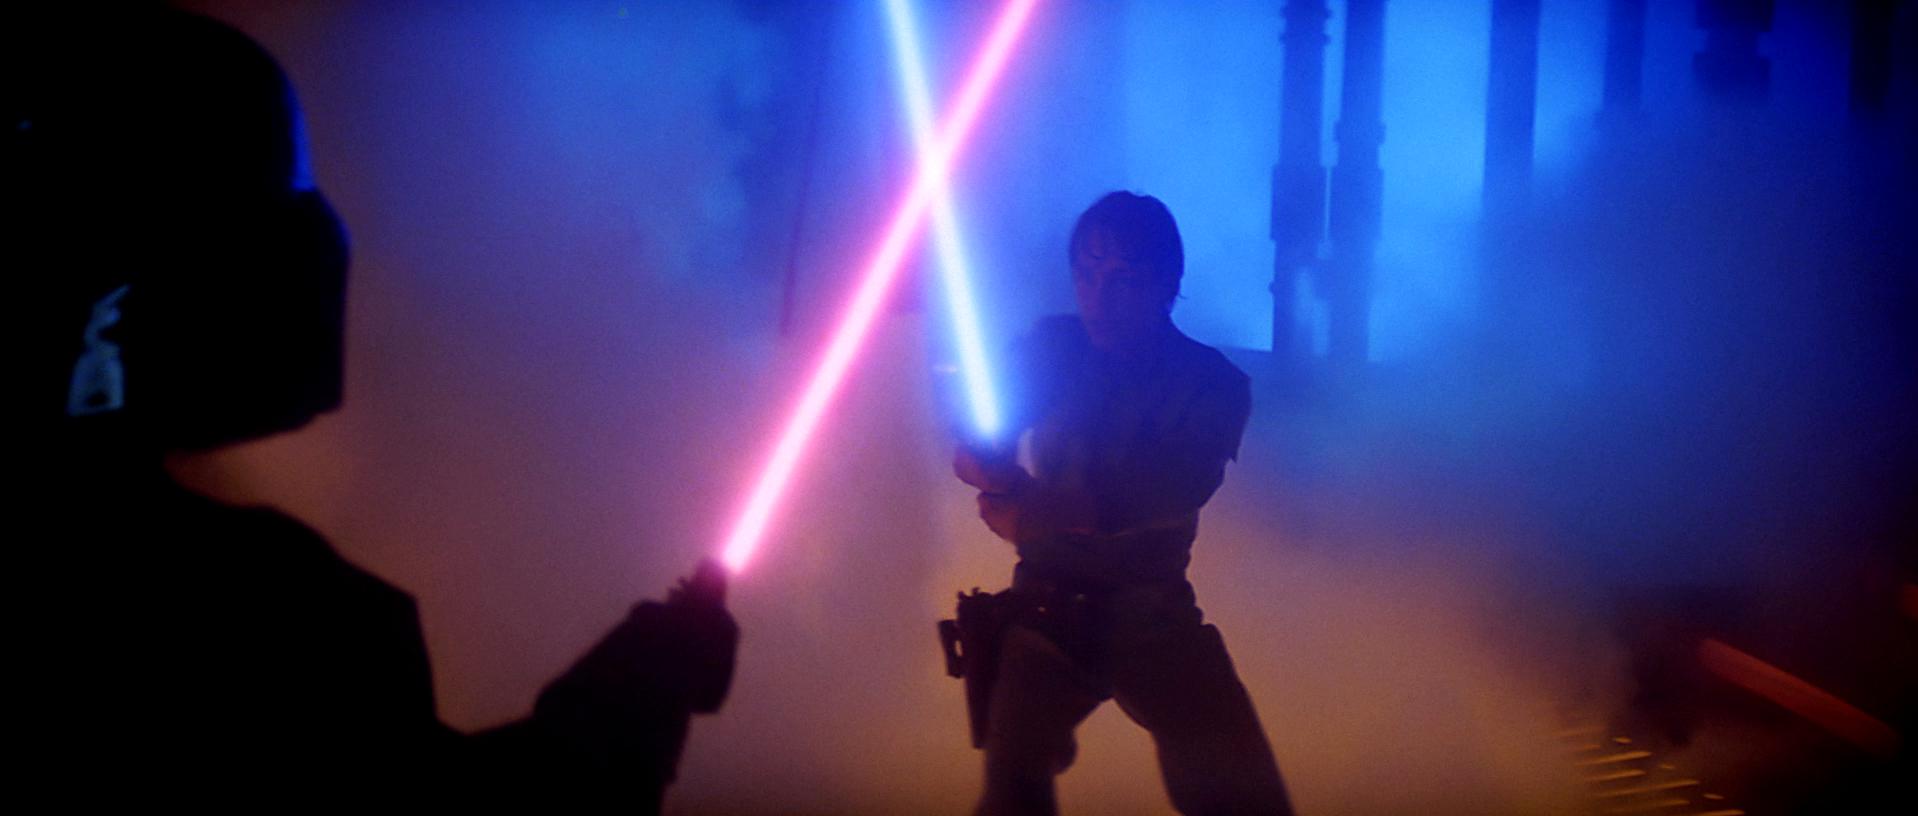 Blue Vintage Star Wars Replacement Jedi Luke Skywalker Lightsaber